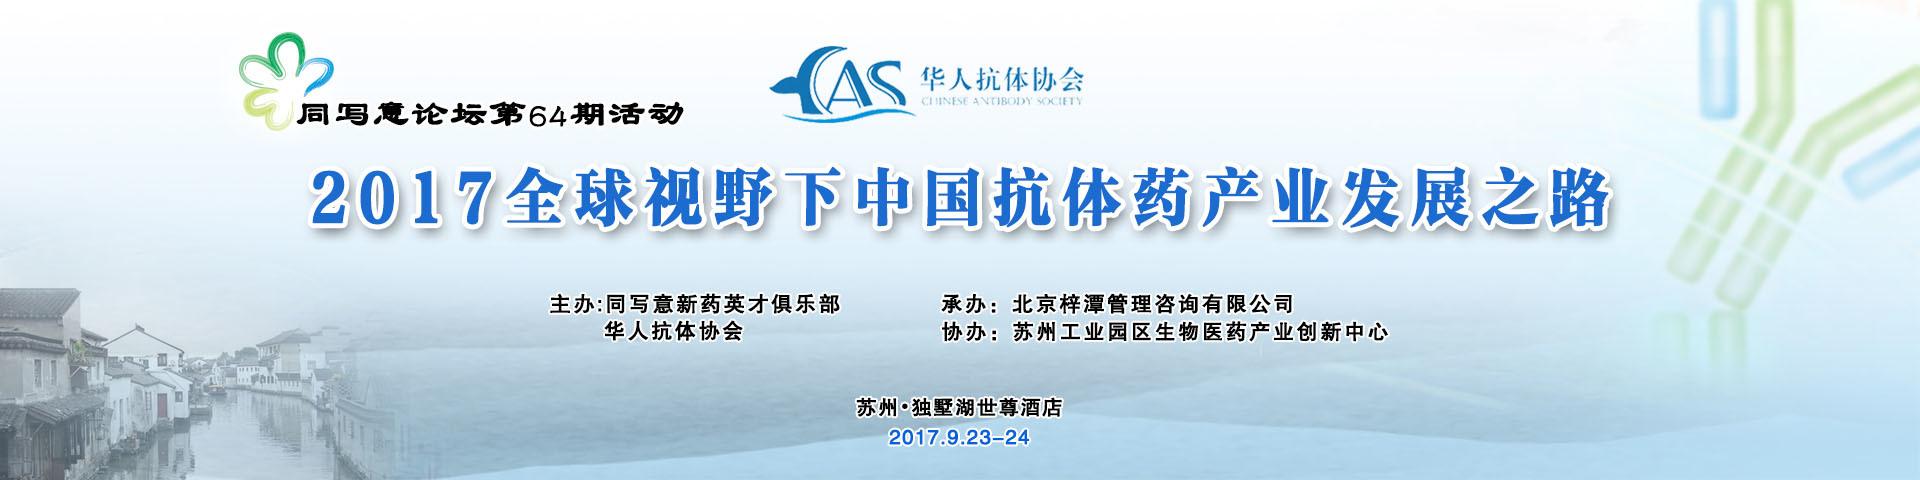 同写意论坛第64期-全球视野下的中国抗体药物产业发展之路